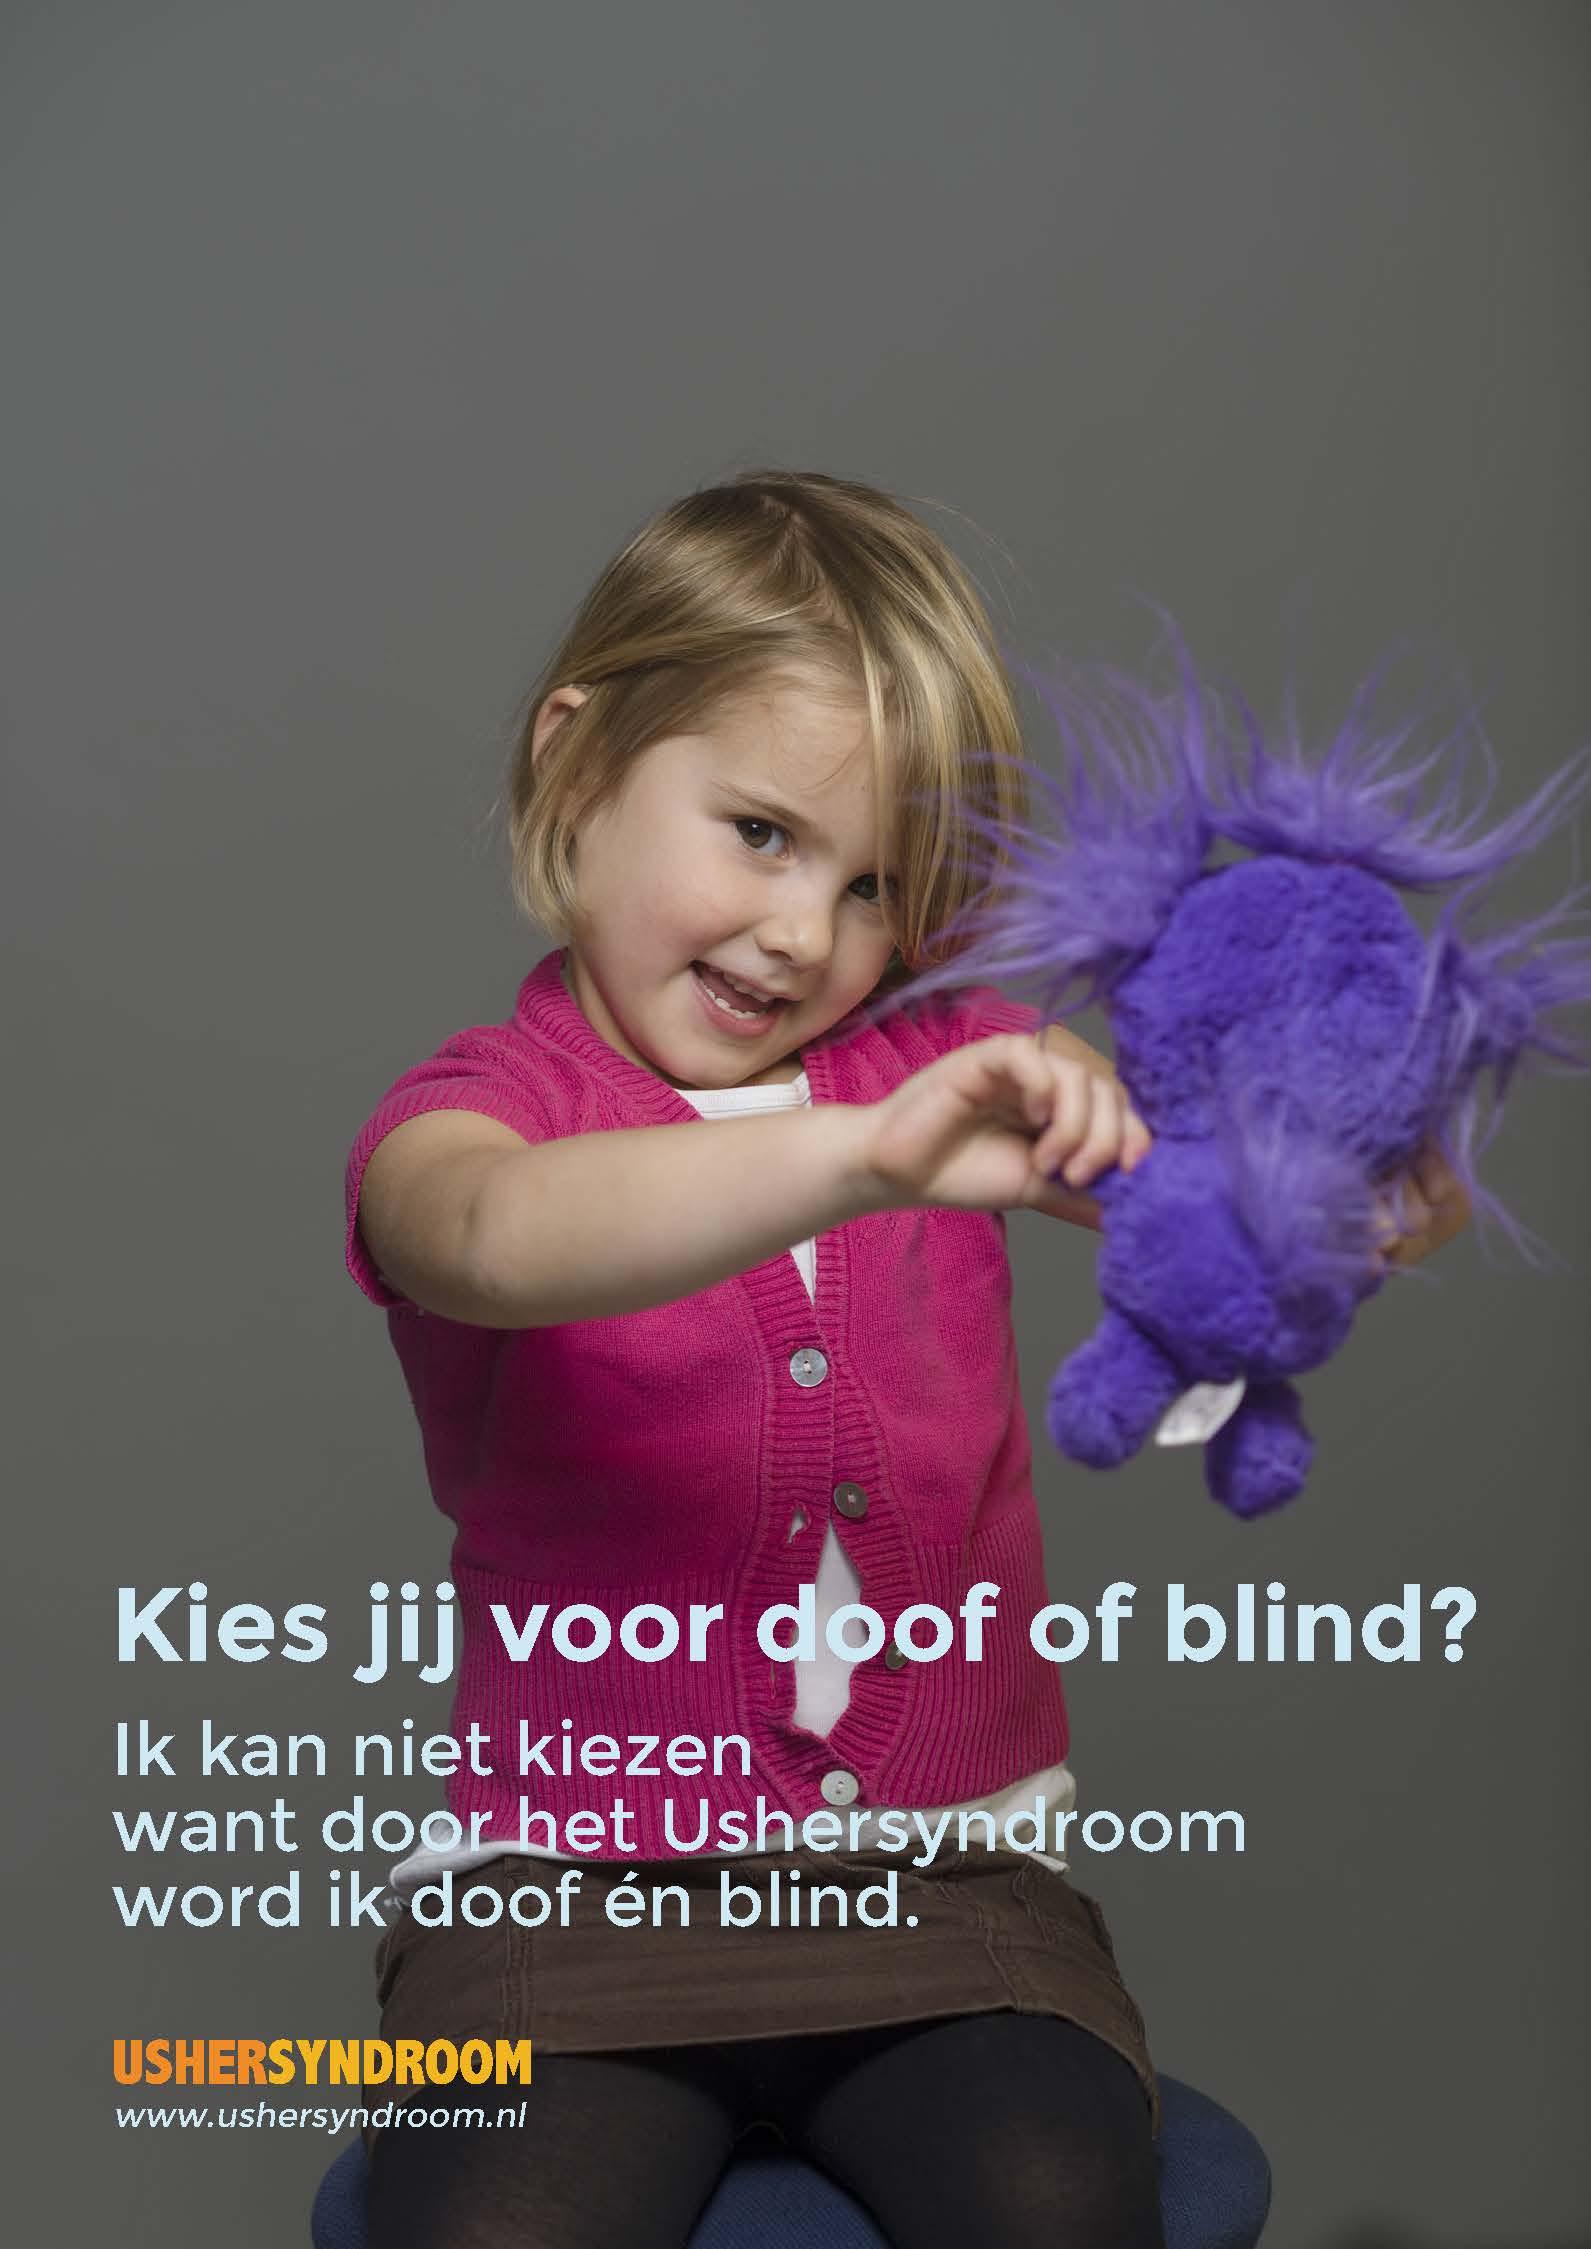 Campagne poster 'Kies jij voor doof of blind?'